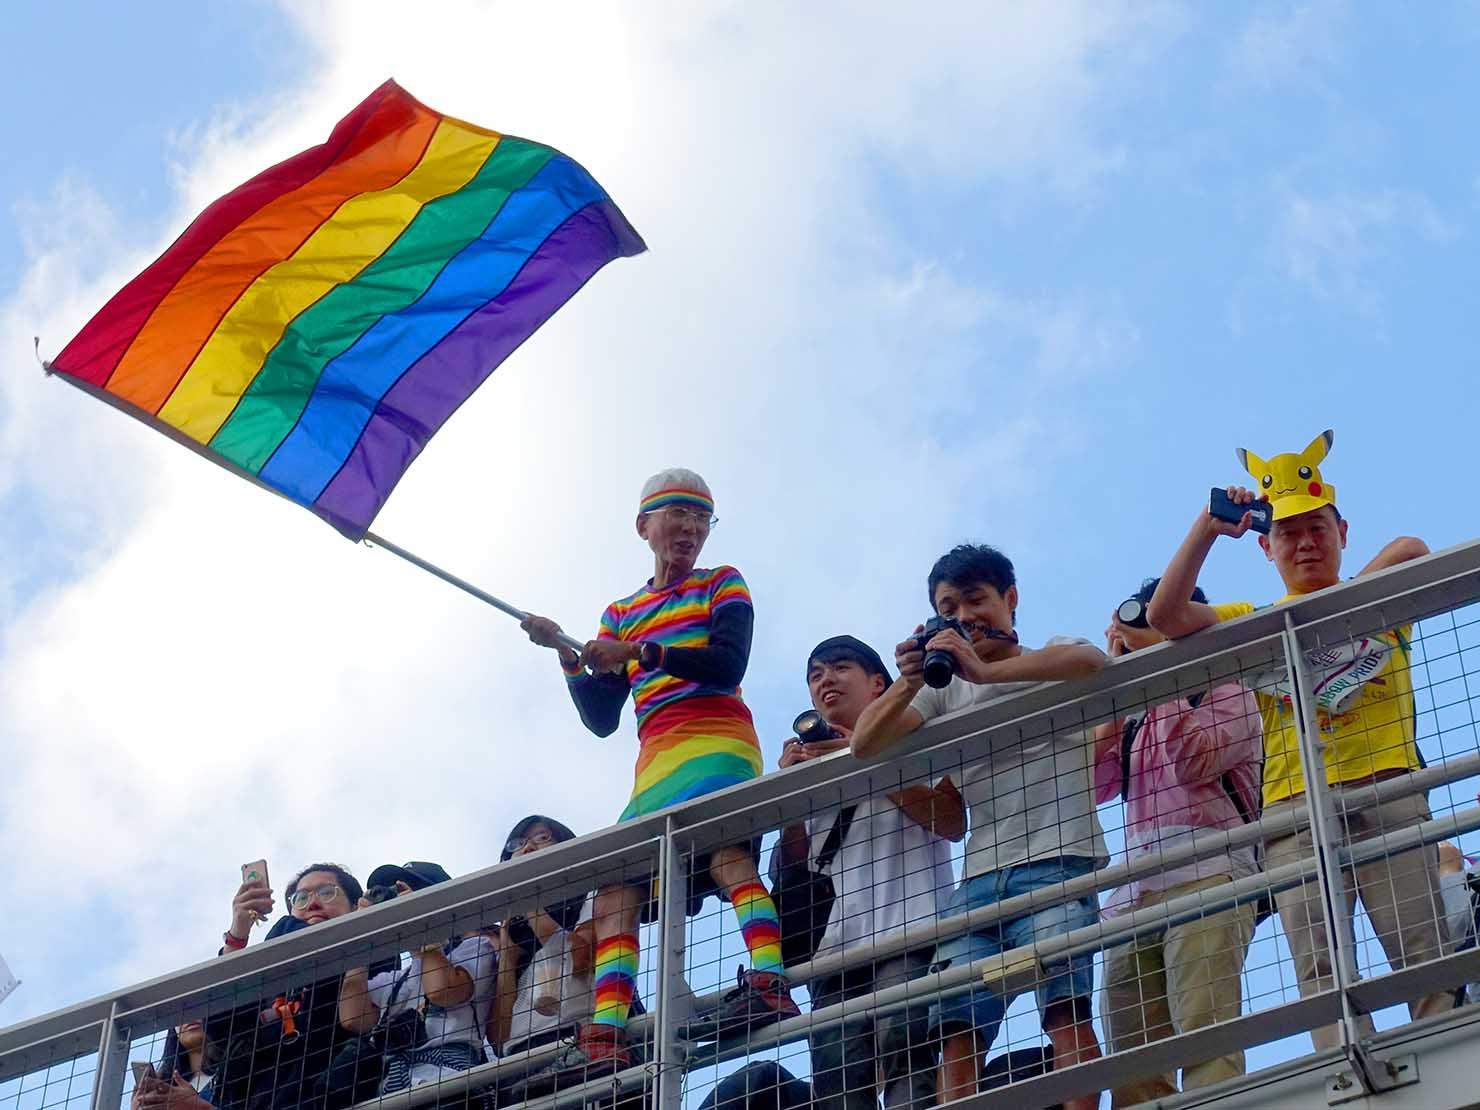 台灣同志遊行(台湾LGBTプライド)2018でレインボーフラッグを振る祁家威氏